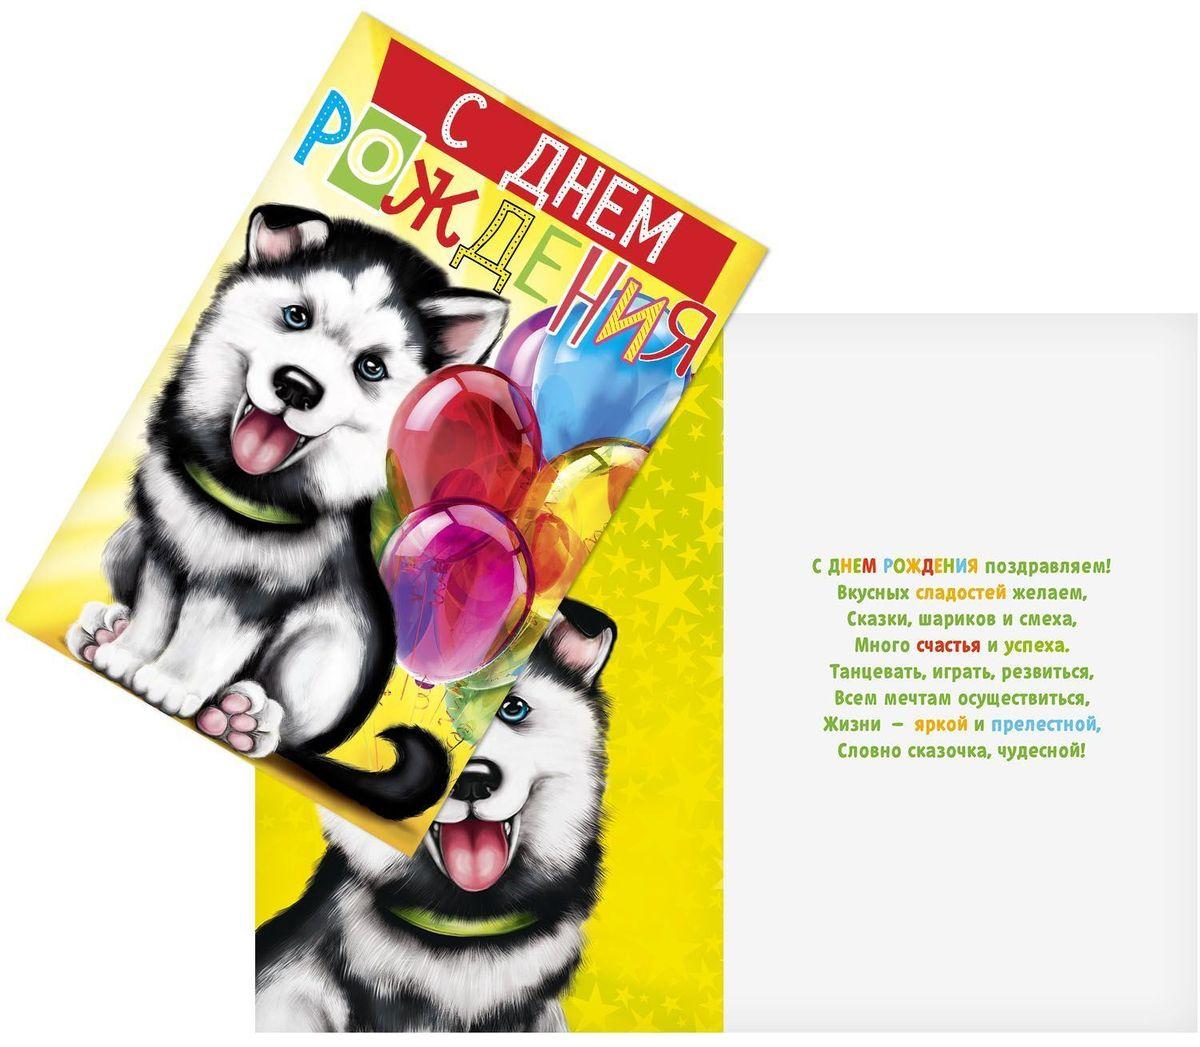 Открытка Дарите cчастье С Днем Рождения. Хаски, 12 х 18 см открытка дарите cчастье с днем рождения венеция 12 х 18 см